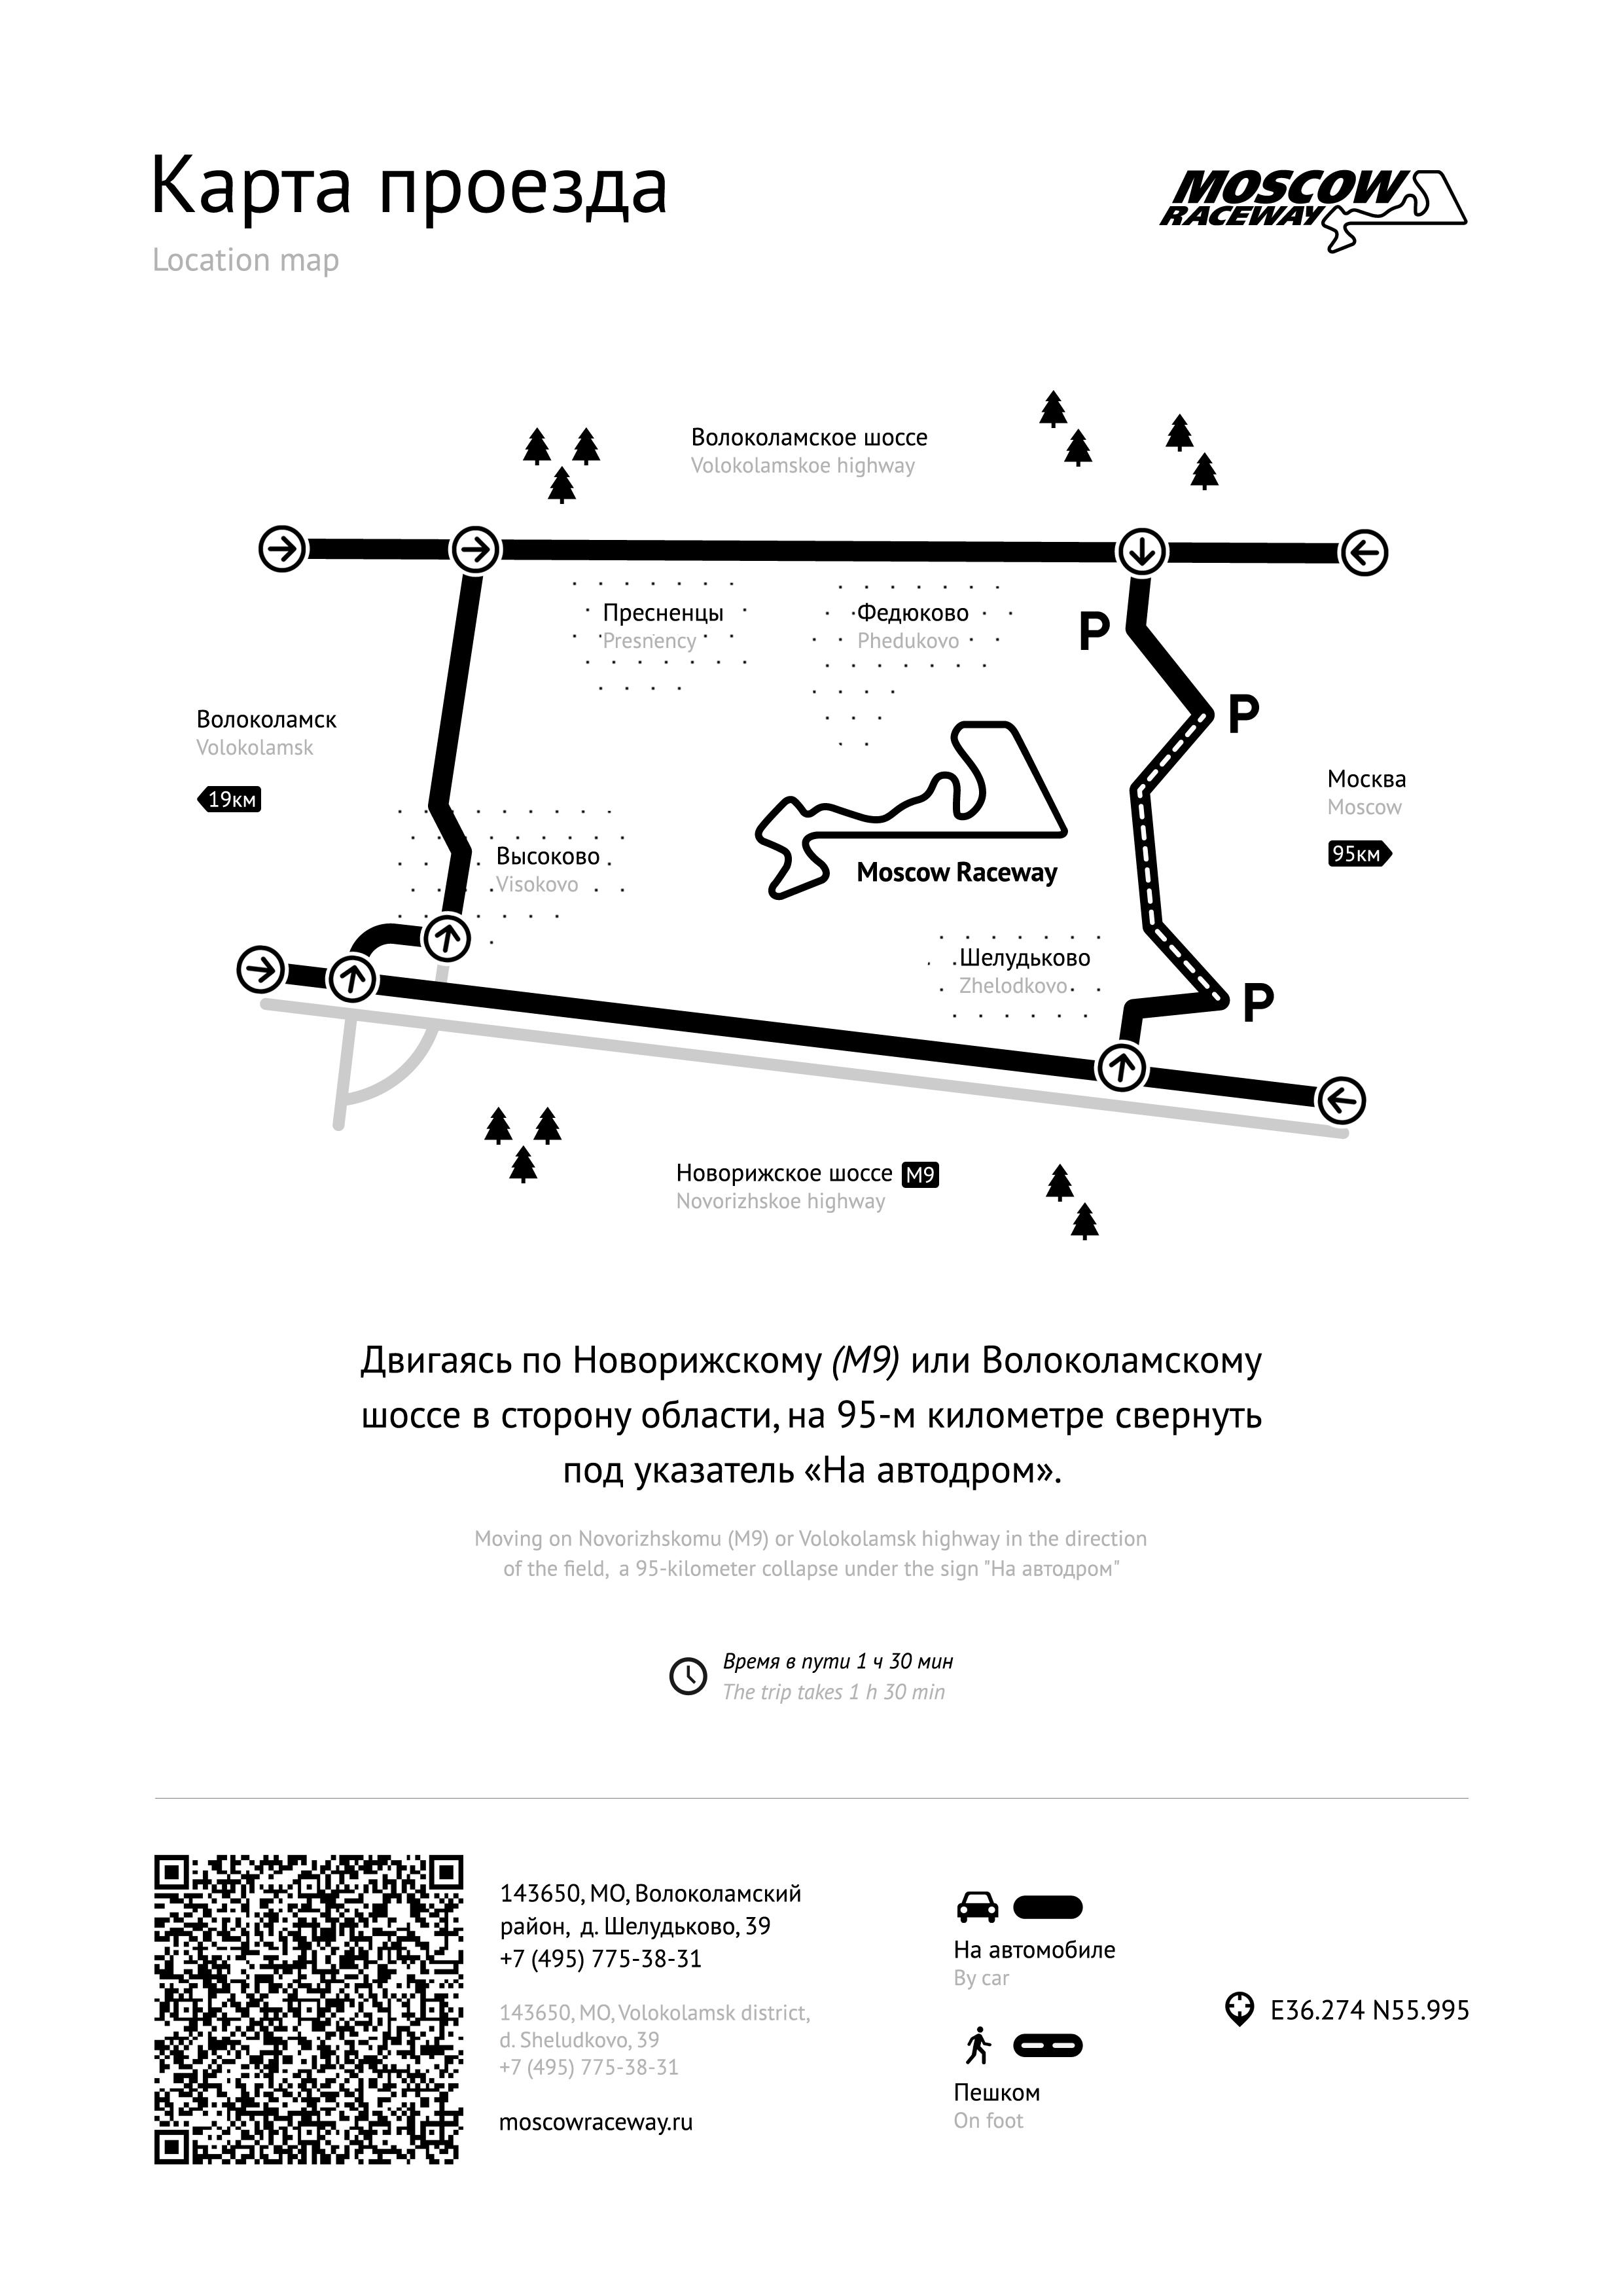 схема проезда малоярославец московская 12 а